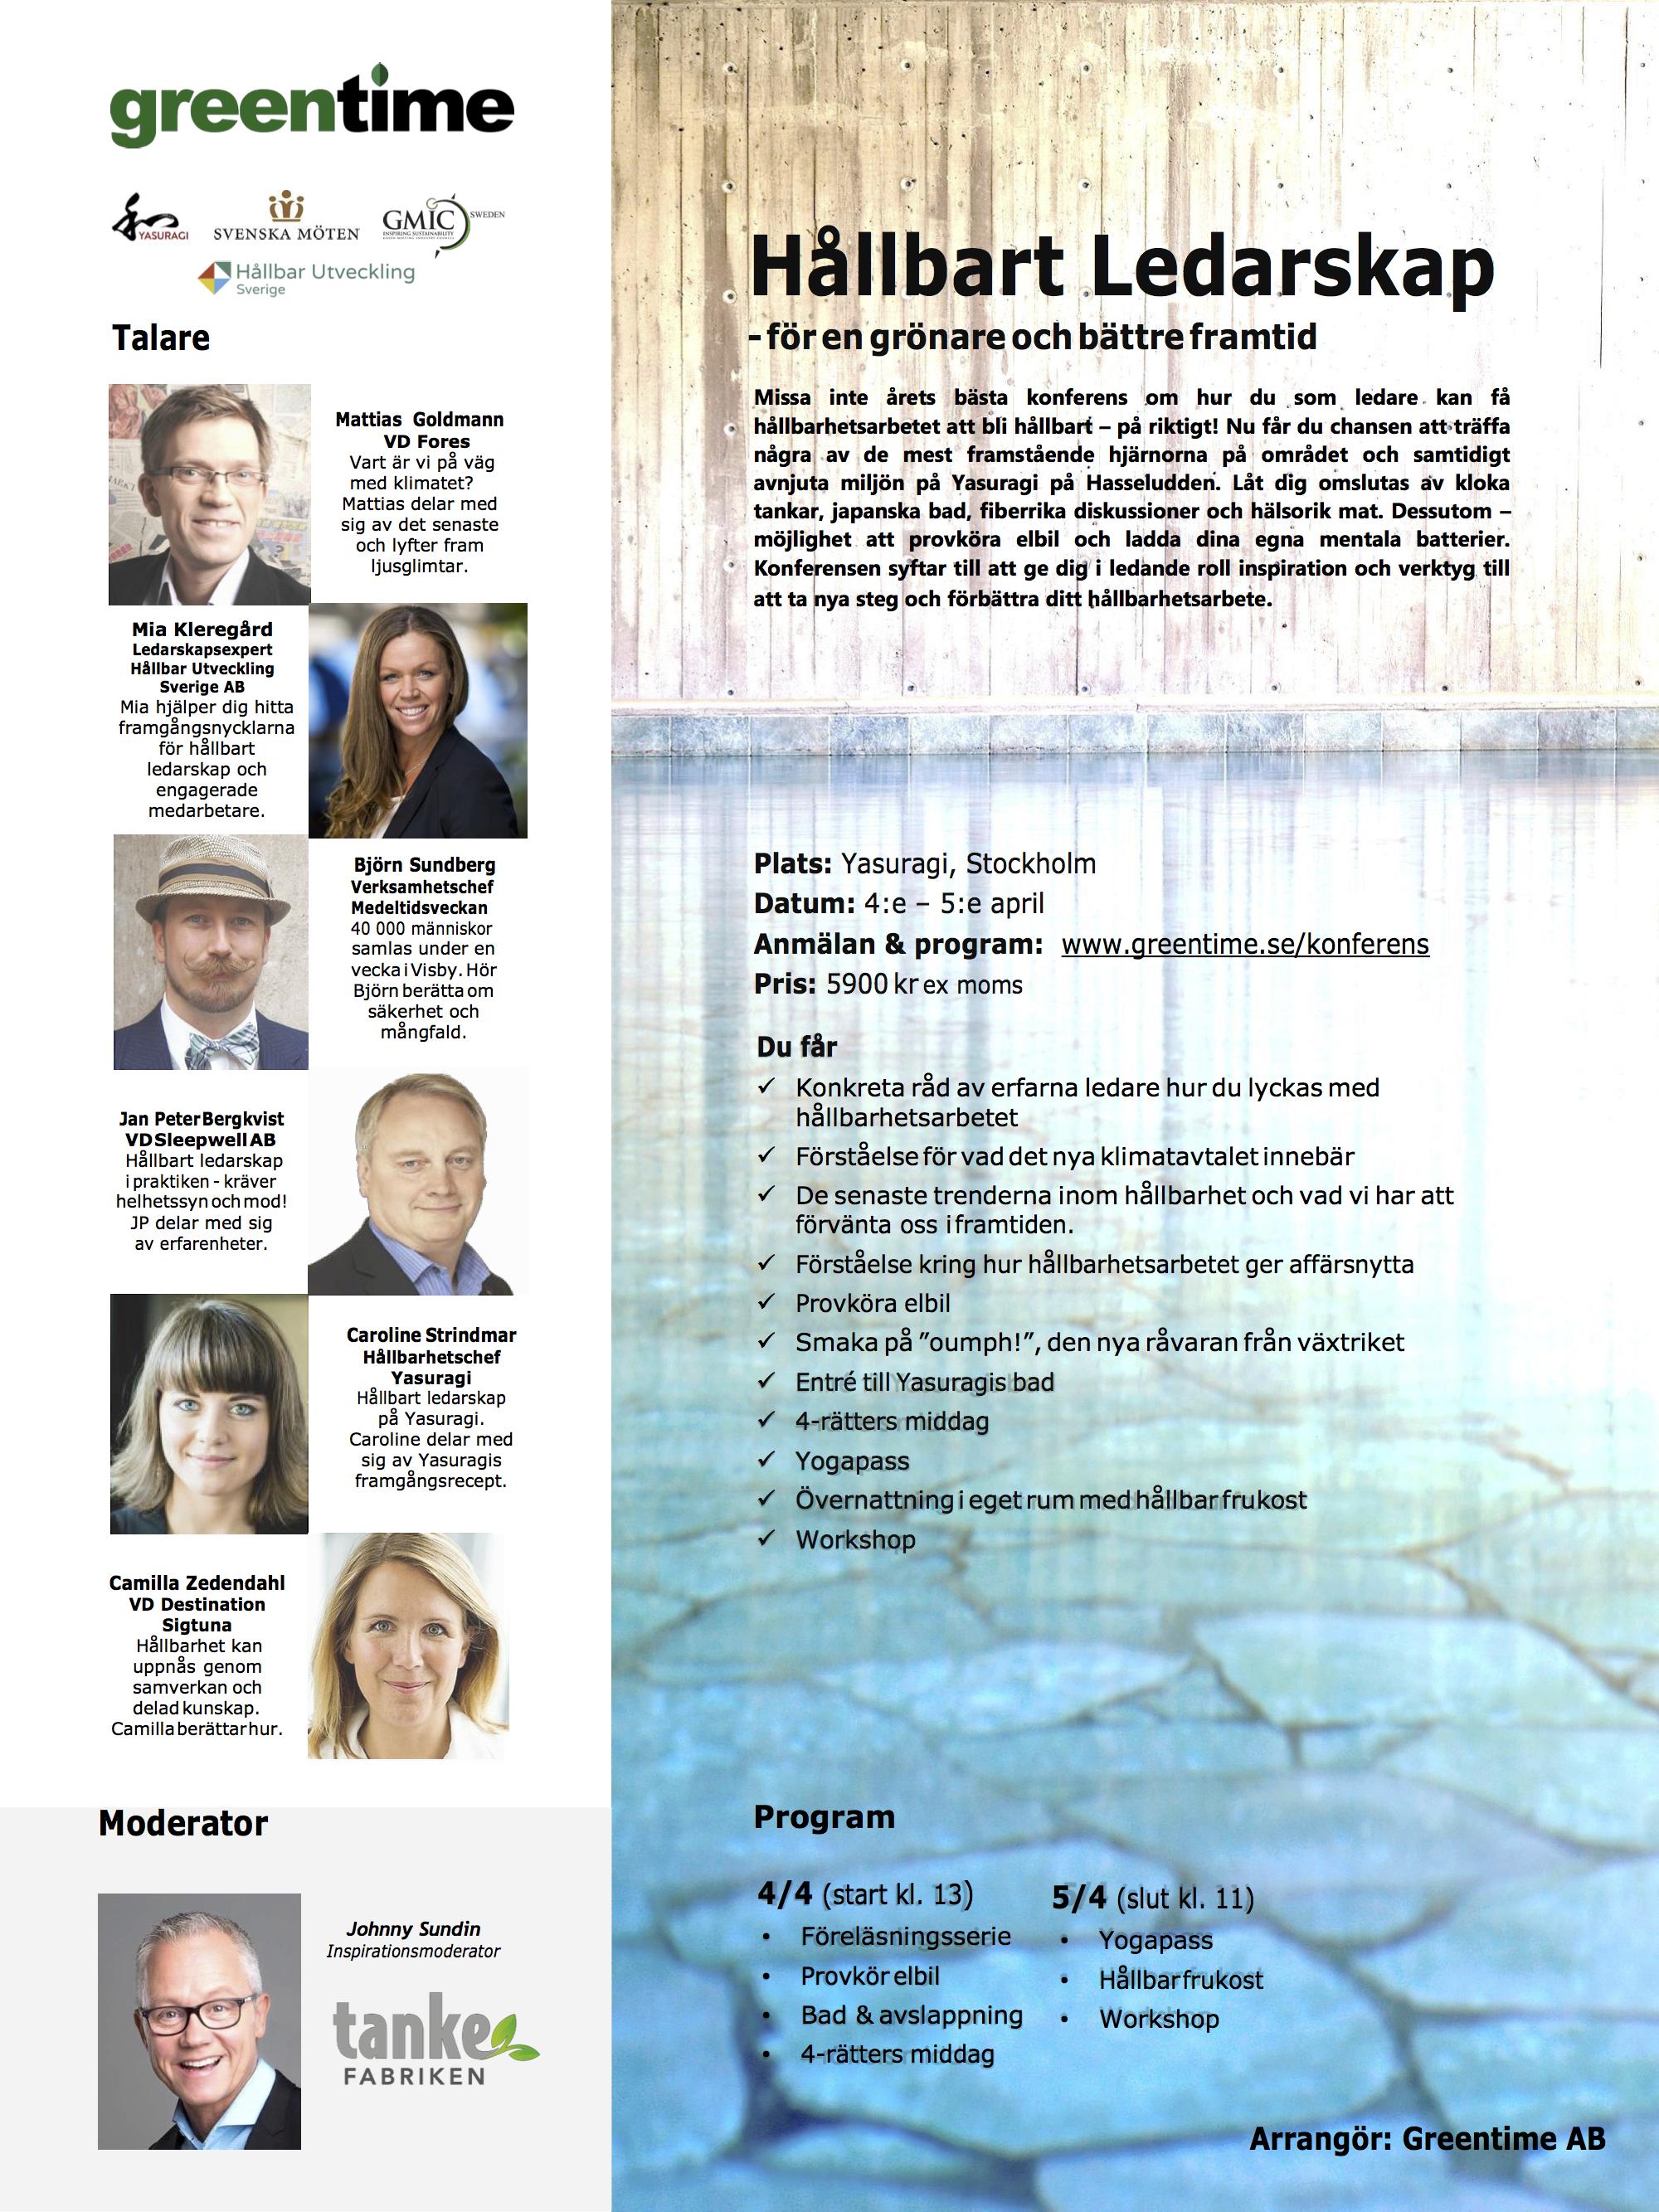 Inbjudan Greentime konferens Hållbart Ledarskap